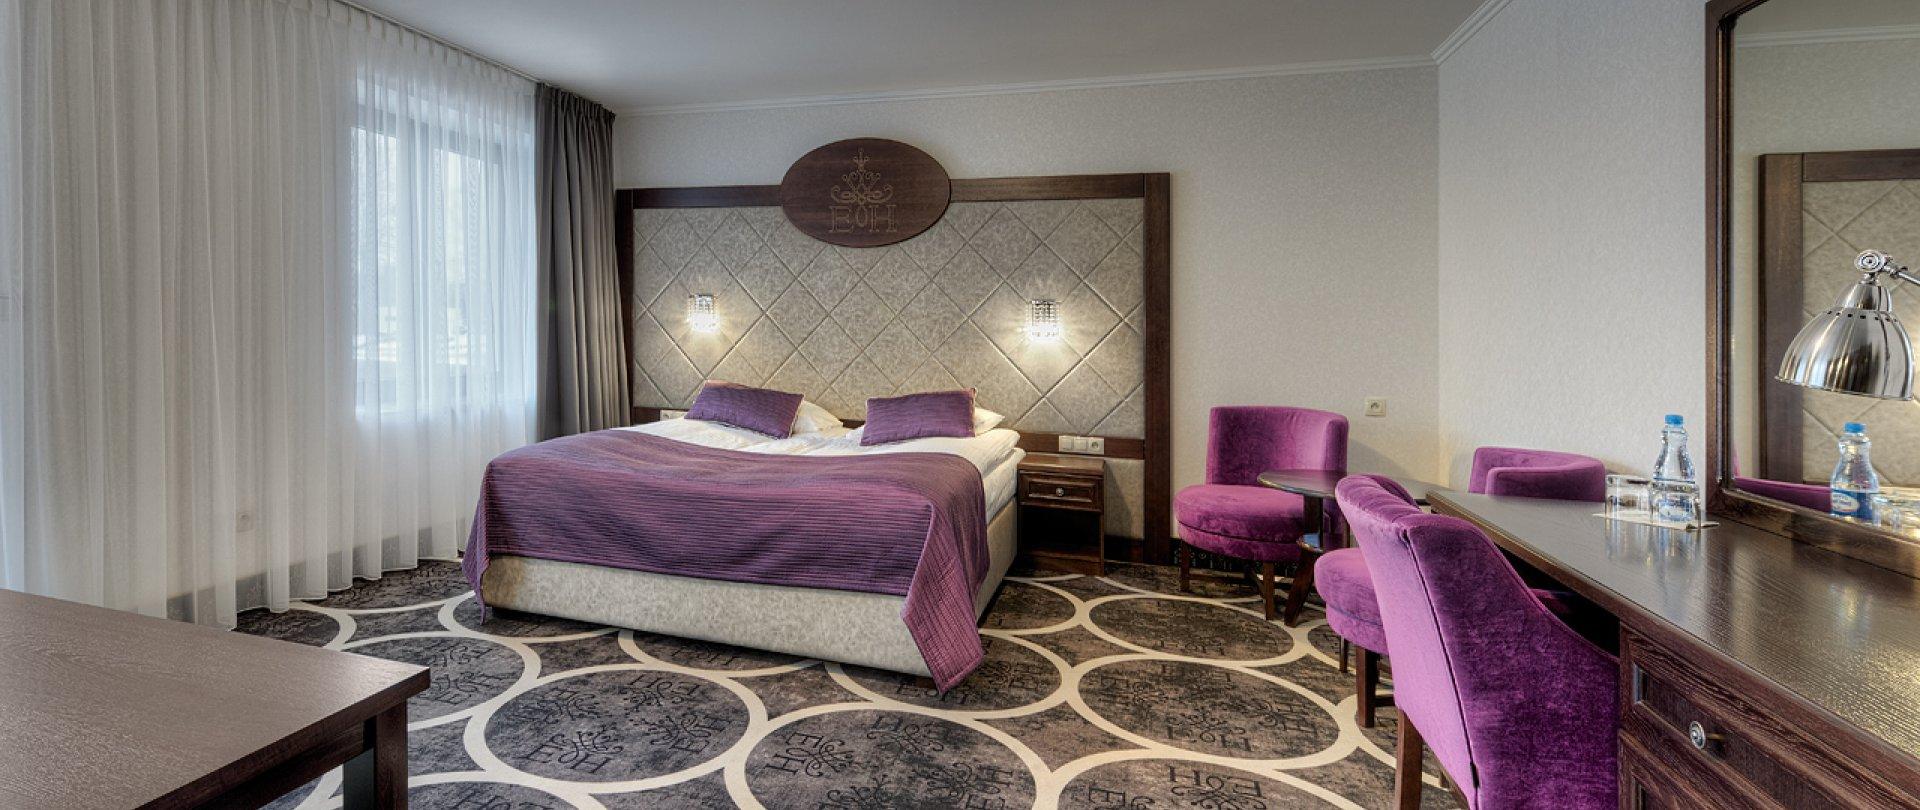 Vierbettzimmer Zimmer Standard